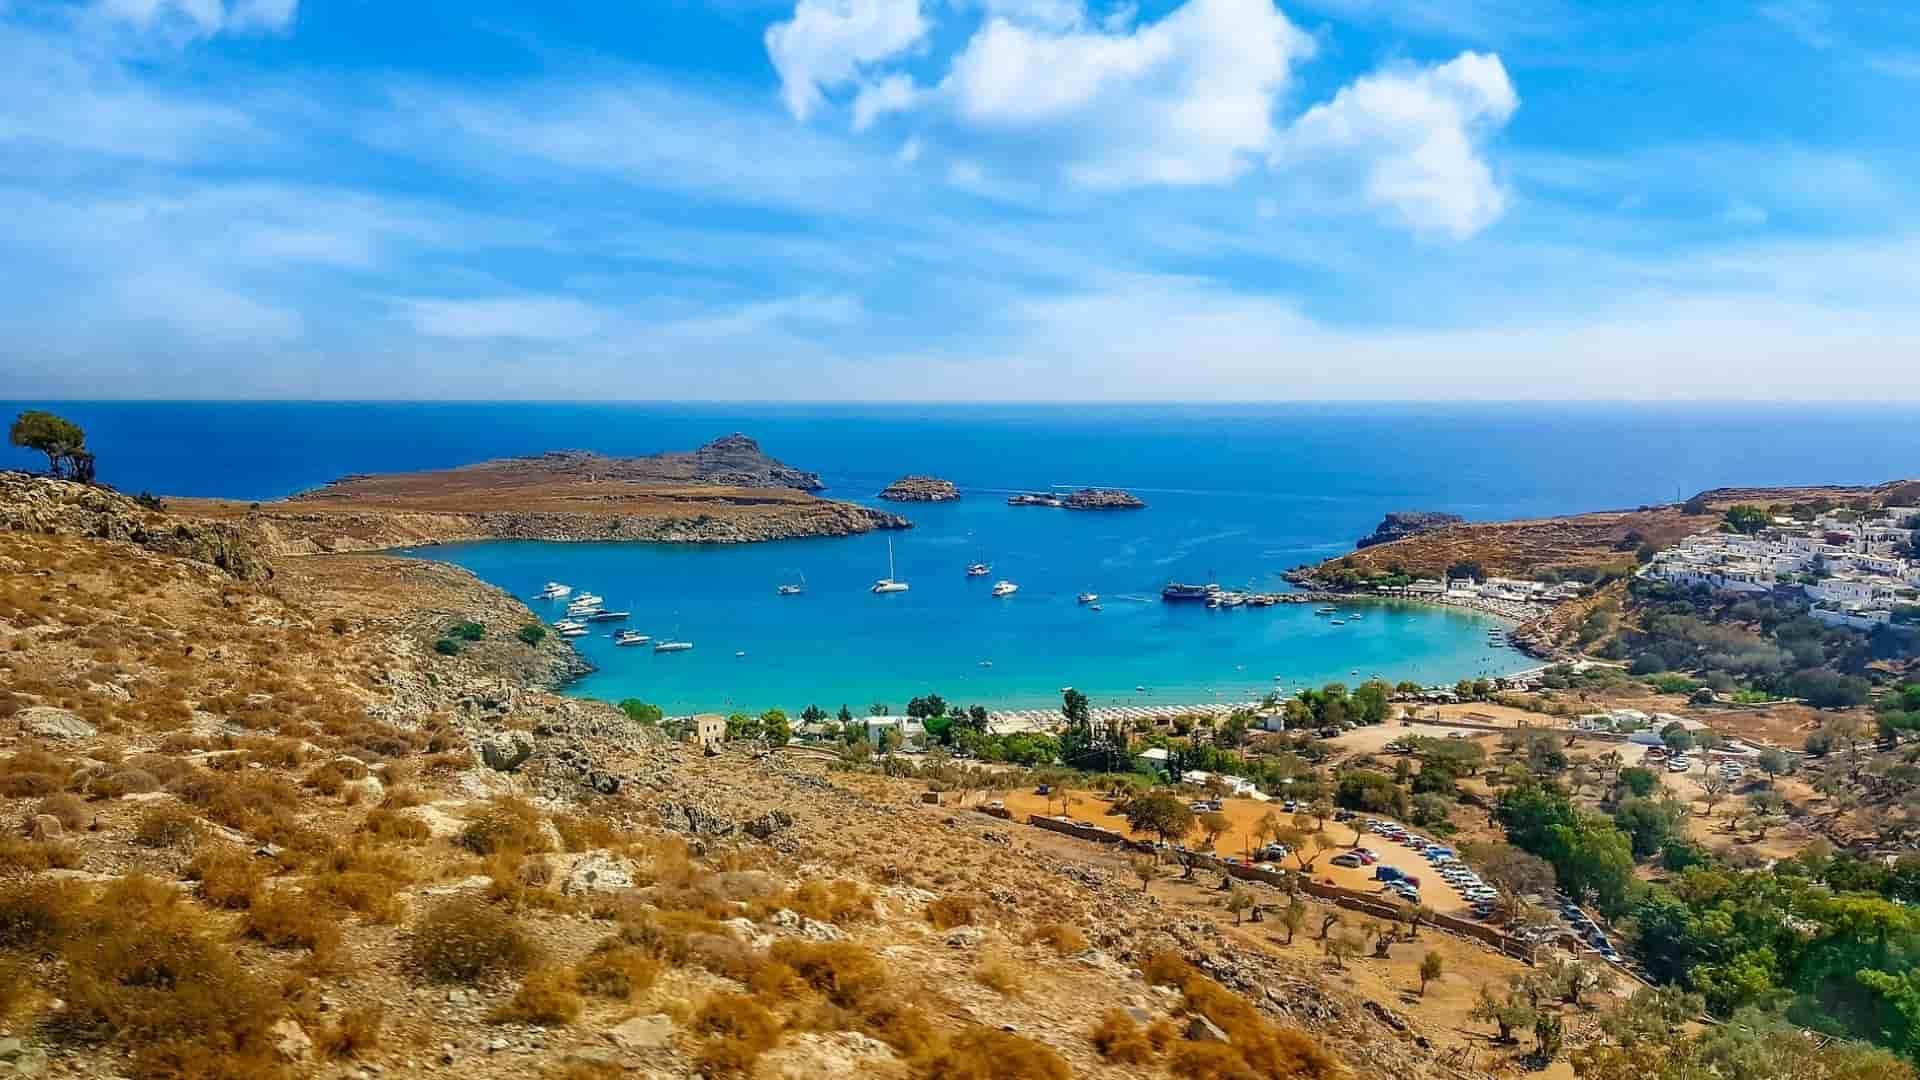 greek isles Central Greece region